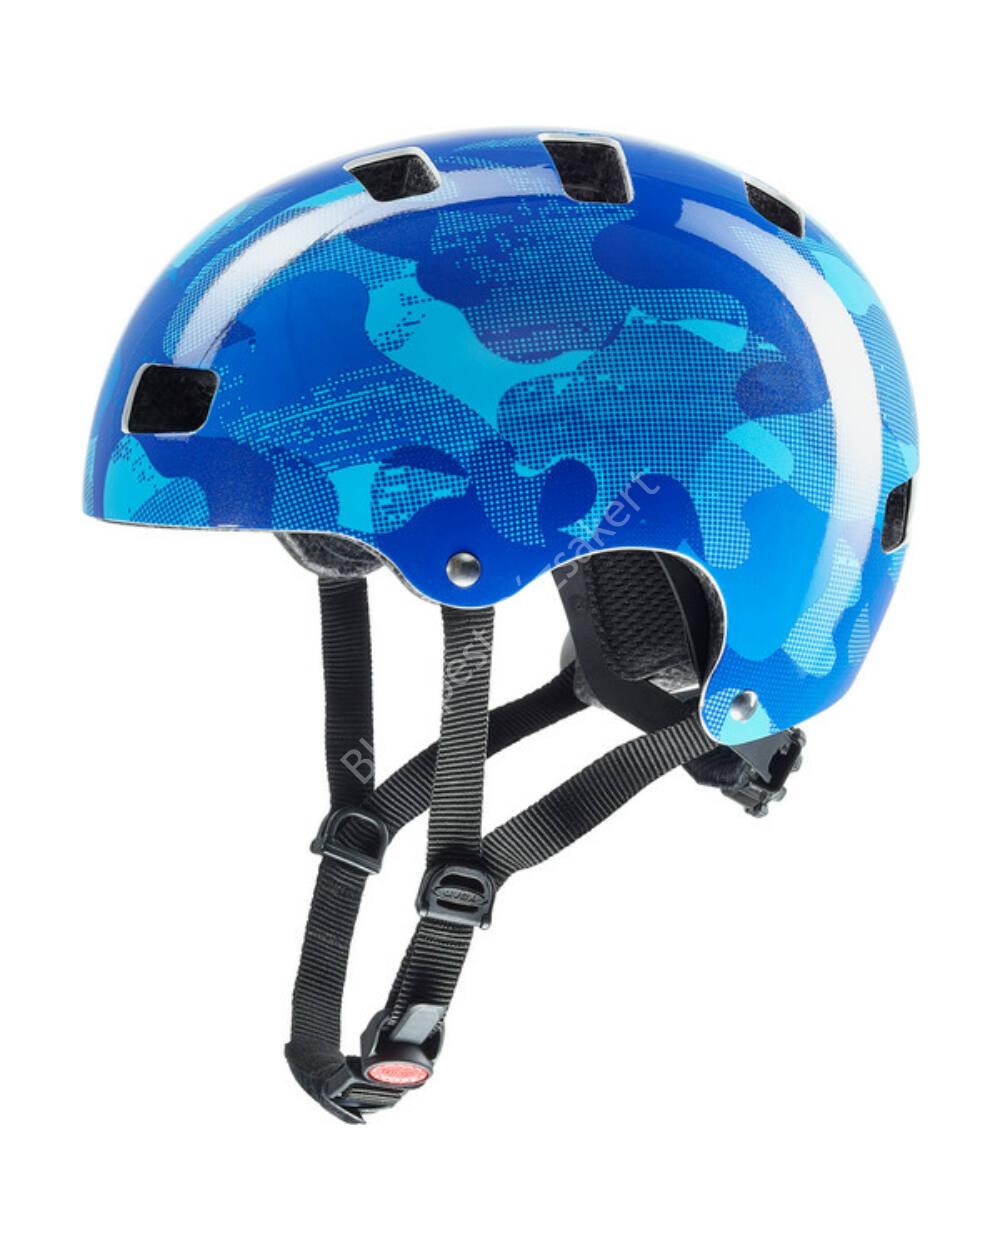 Uvex kid 3 dirtbike bukósisak, blue camo, 55-58 cm